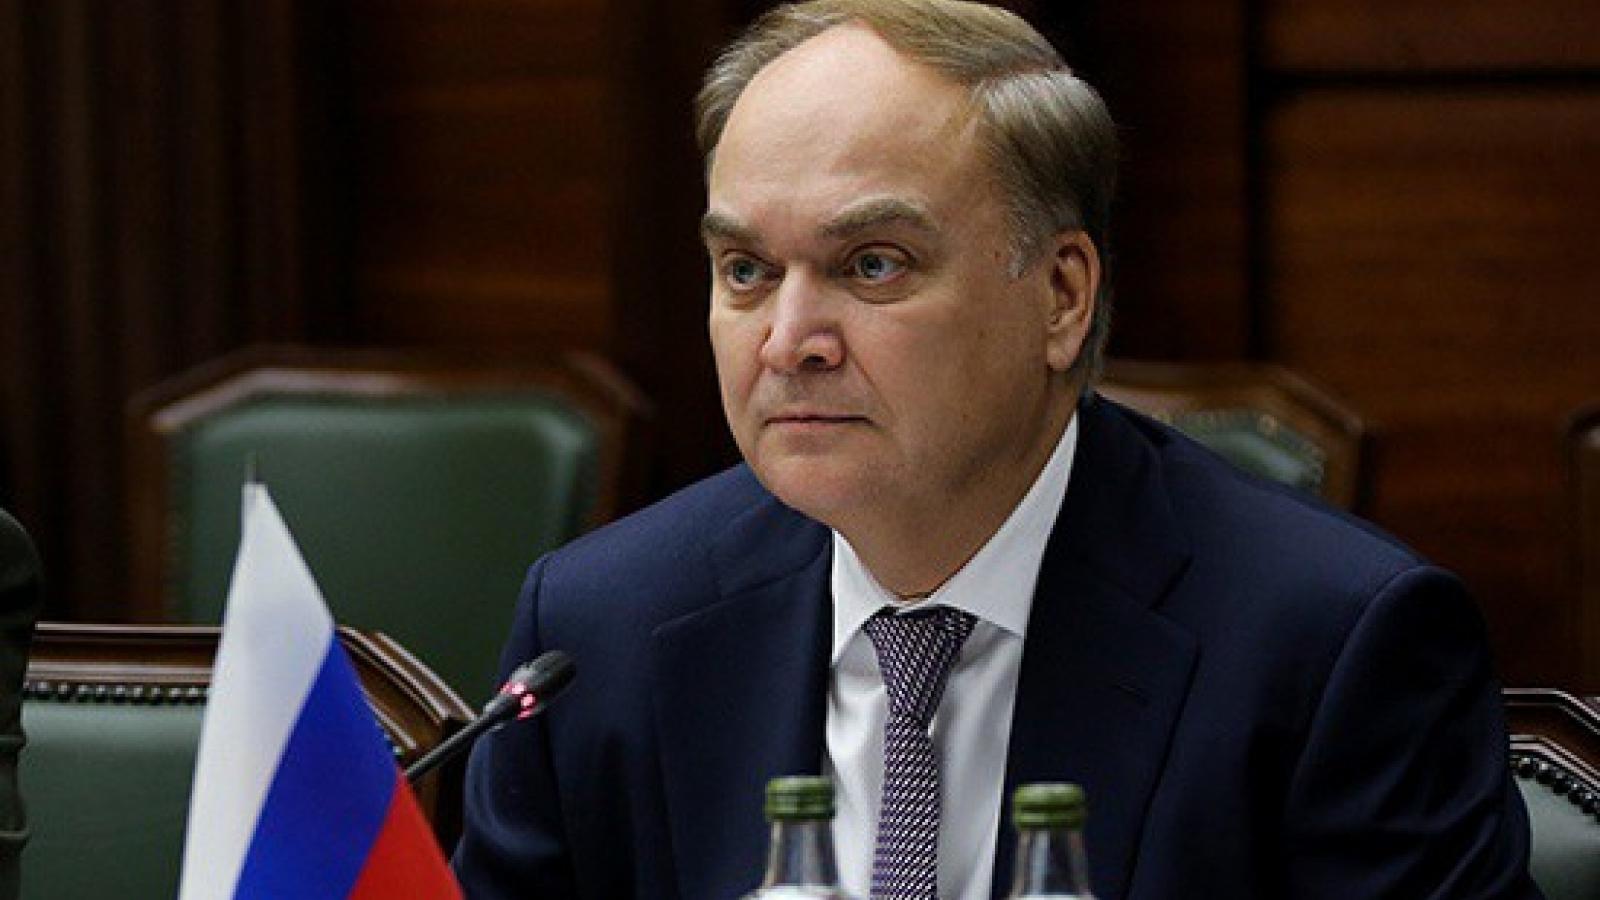 """Nga: Mỹ mở rộng lệnh trừng phạt với viện nghiên cứu Nga là """"không có căn cứ"""""""